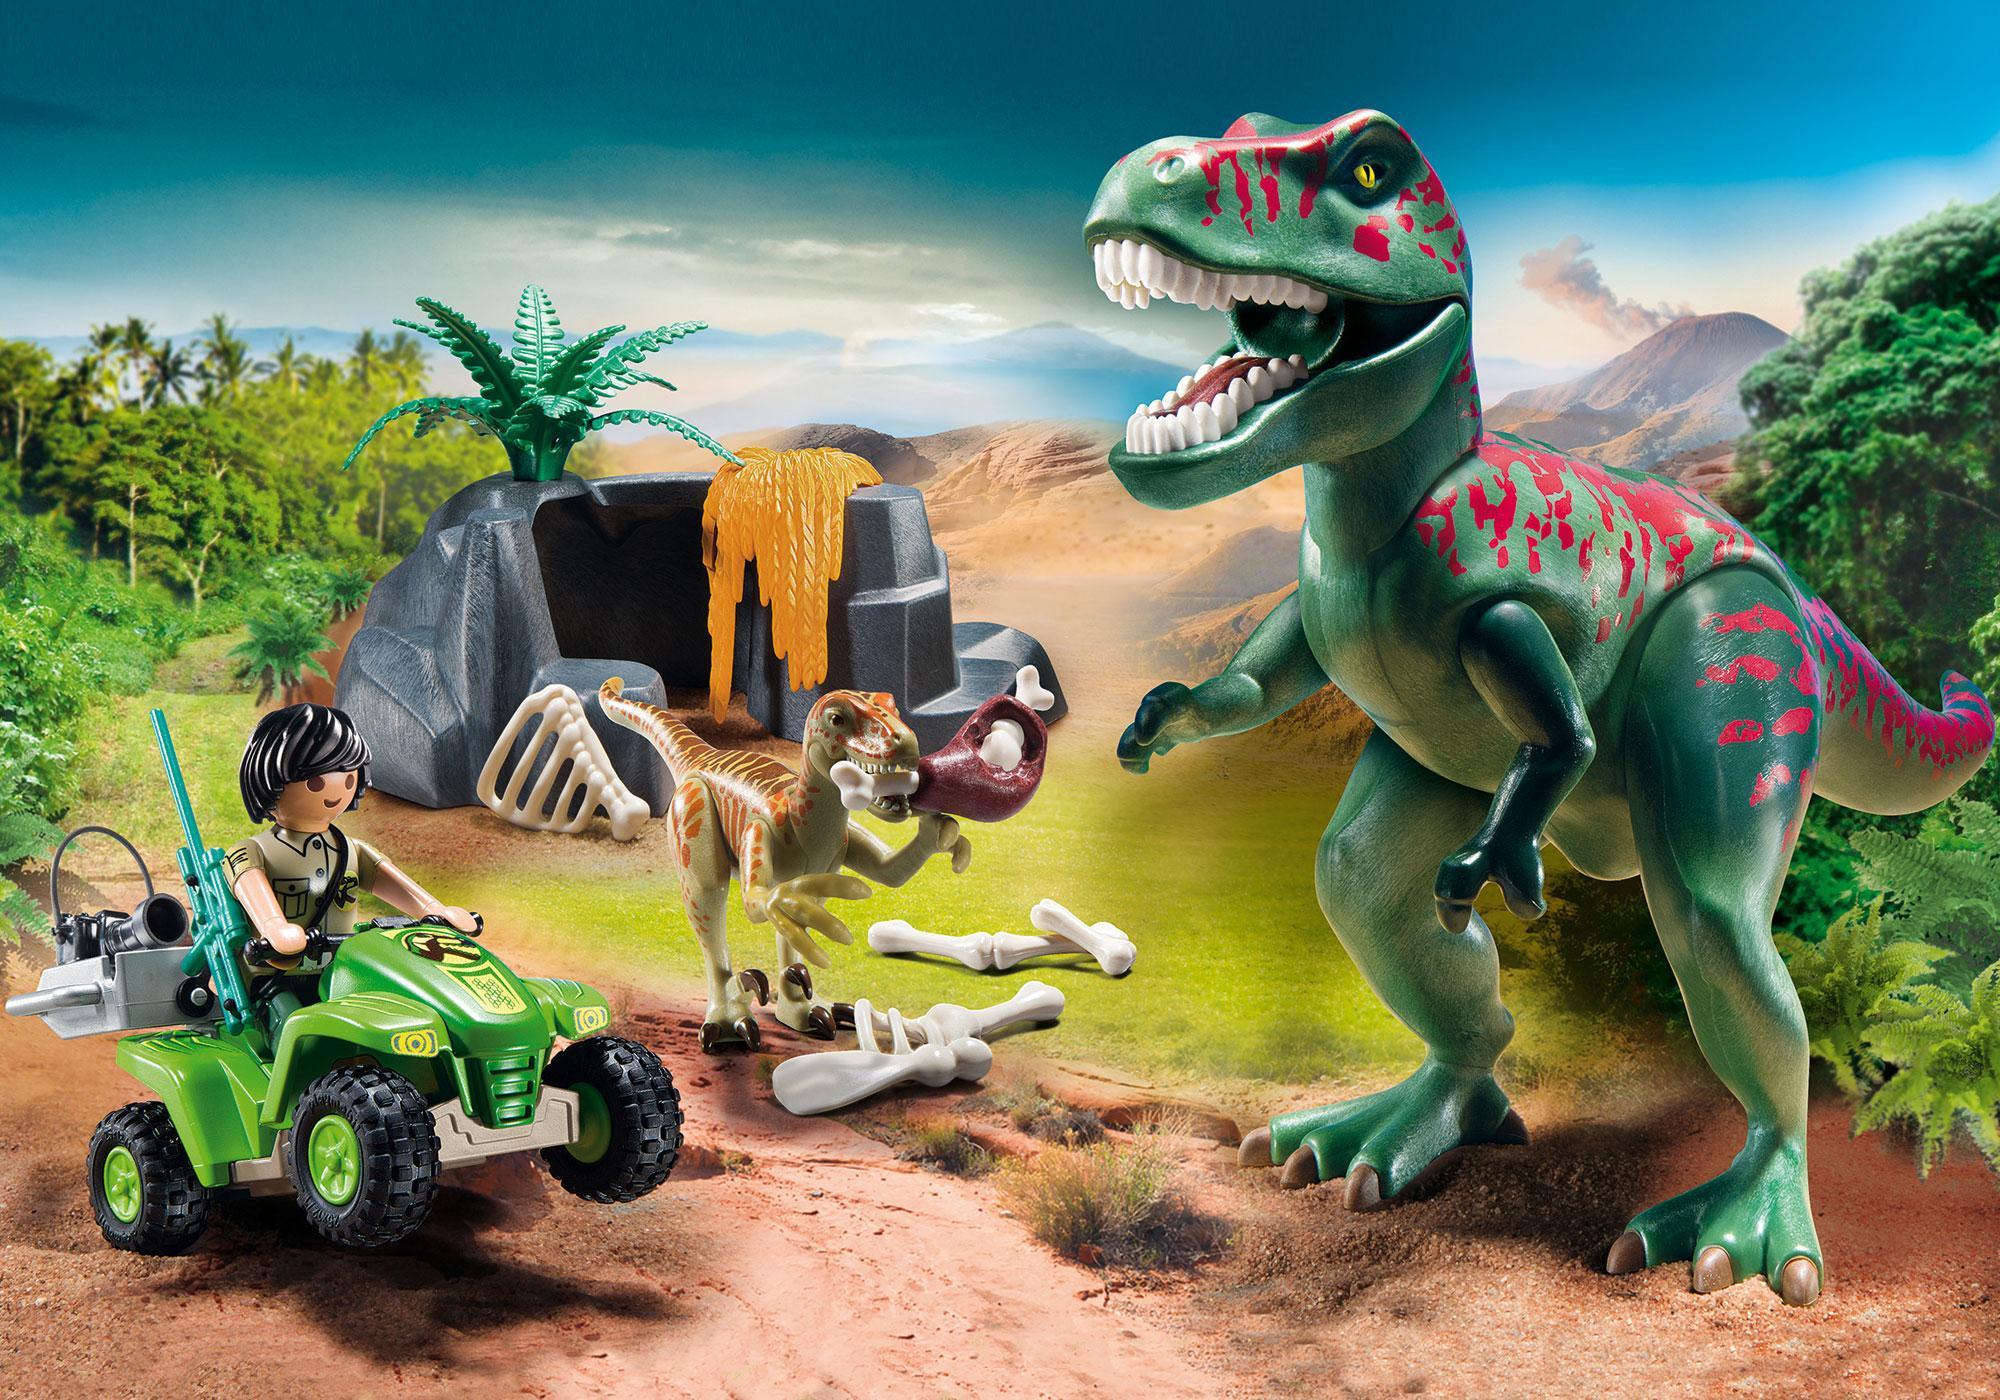 http://media.playmobil.com/i/playmobil/9231_product_detail/Tiranossauro Rex com Explorador